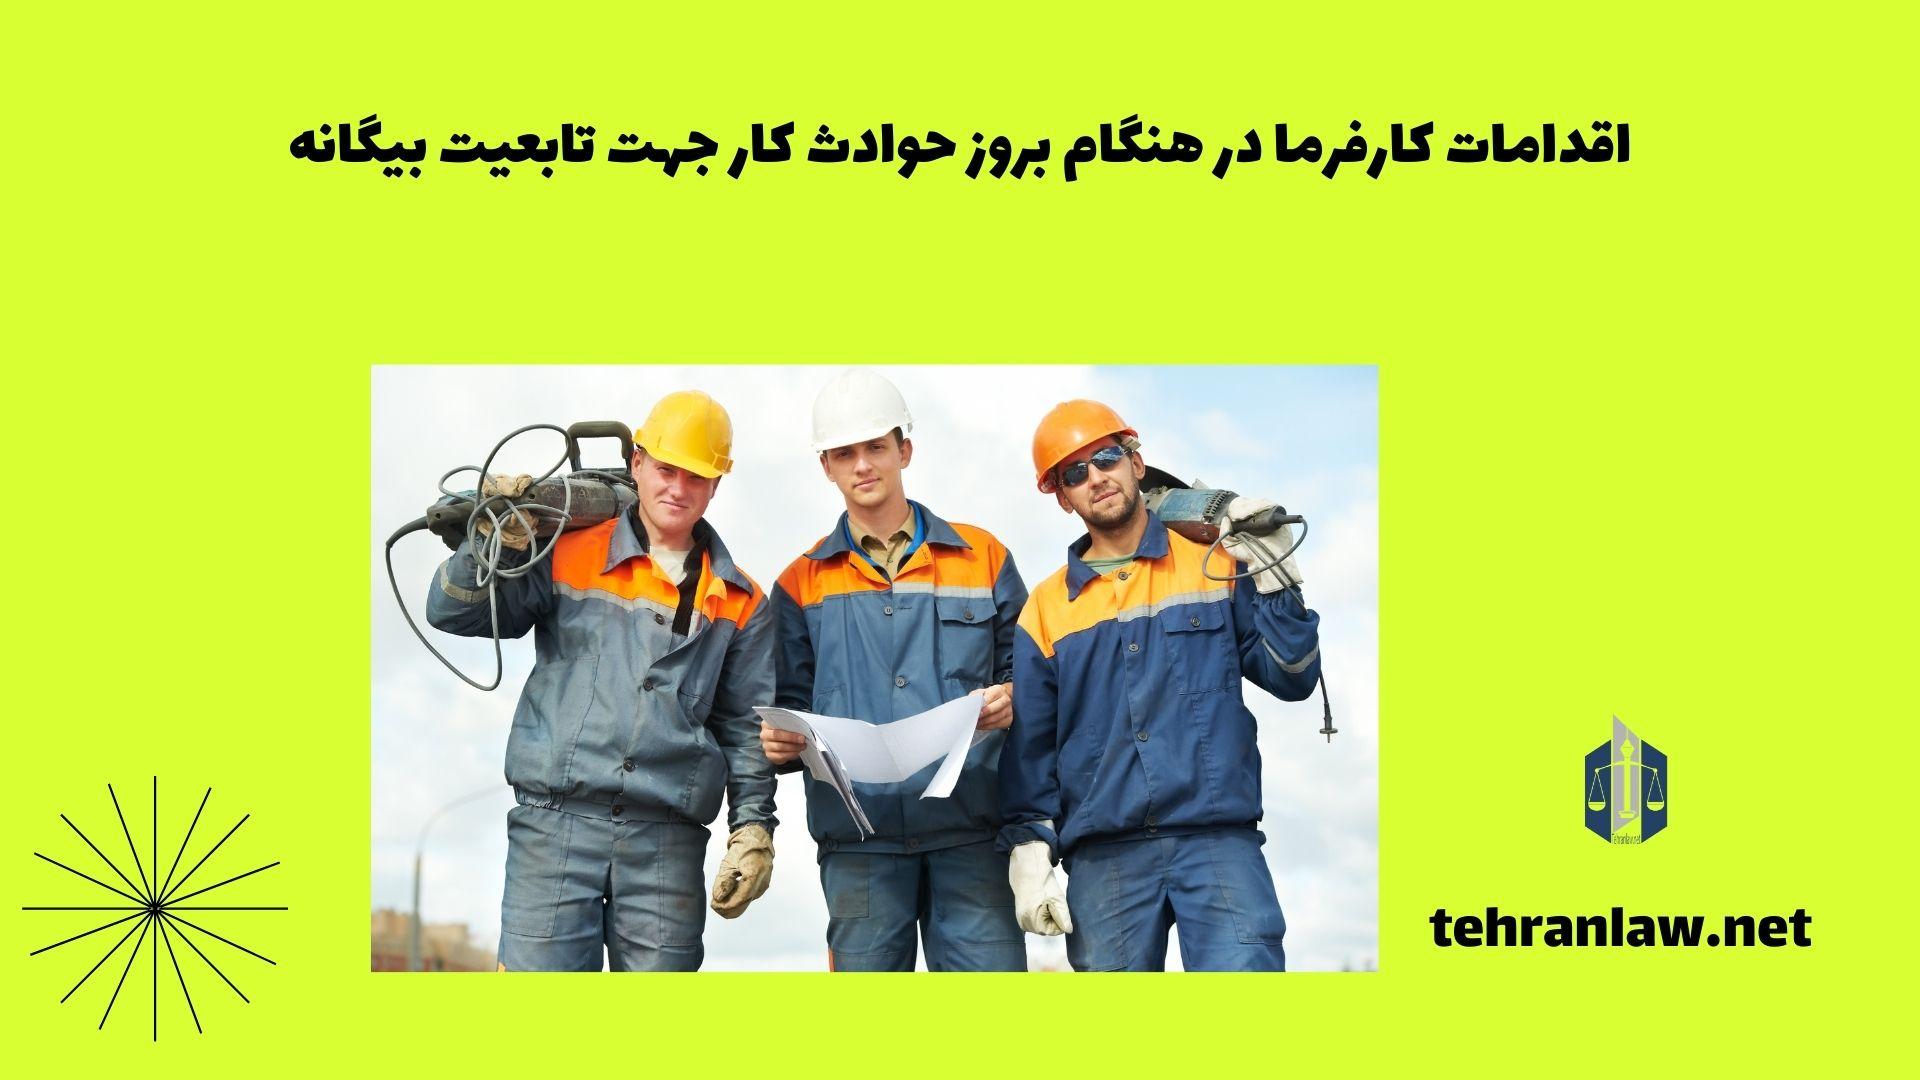 اقدامات کارفرما در هنگام بروز حوادث کار برای تابعیت بیگانه